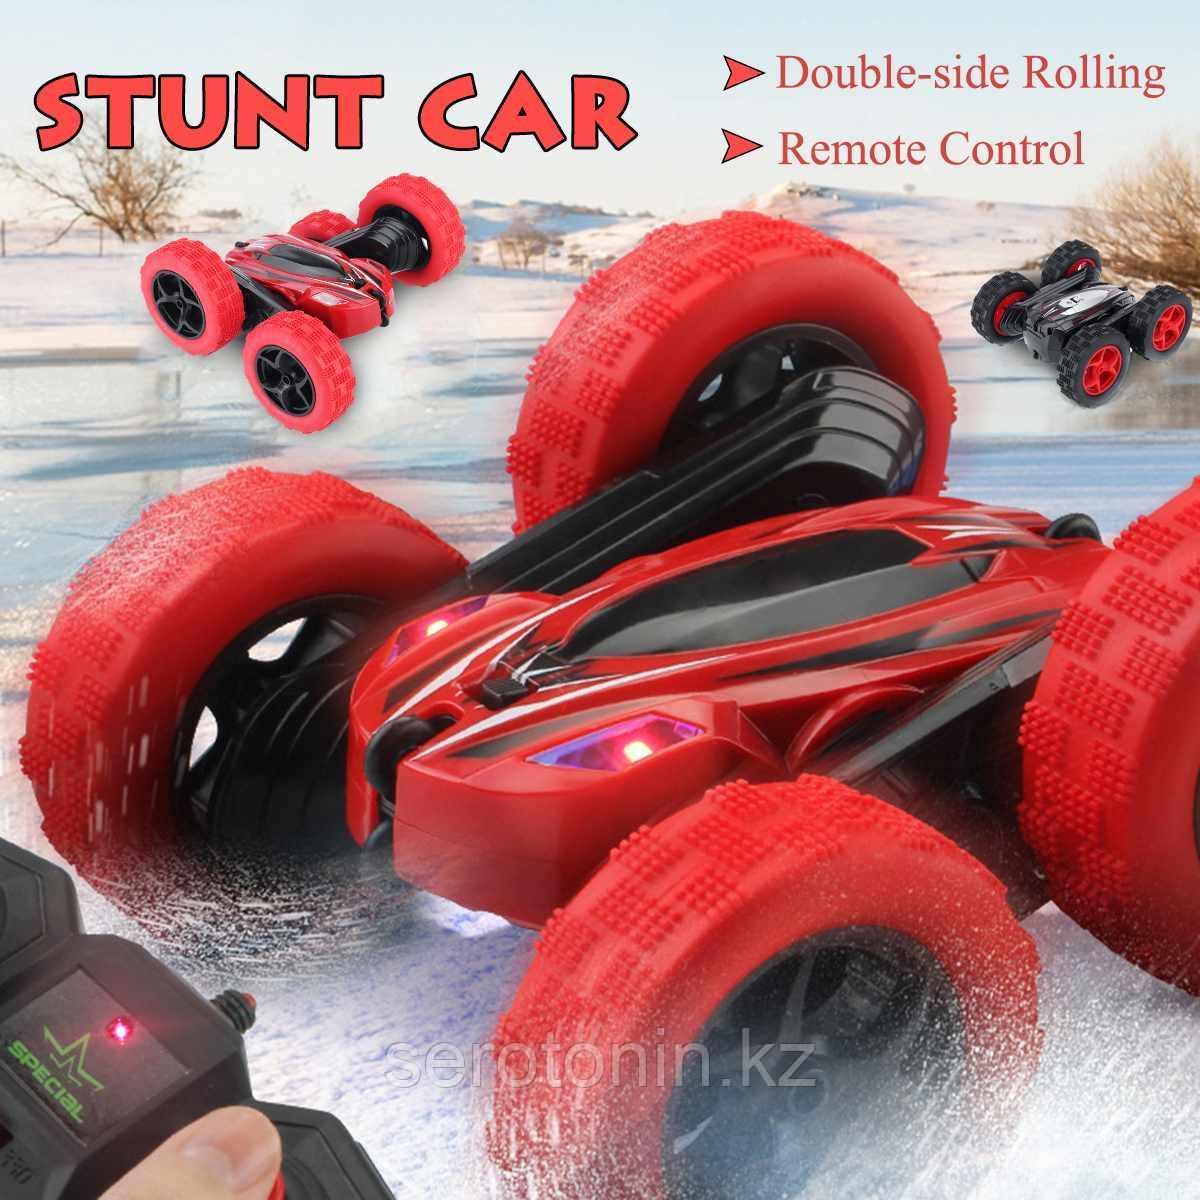 Детская машинка Stunt Car 360 градусов. в ассортименте